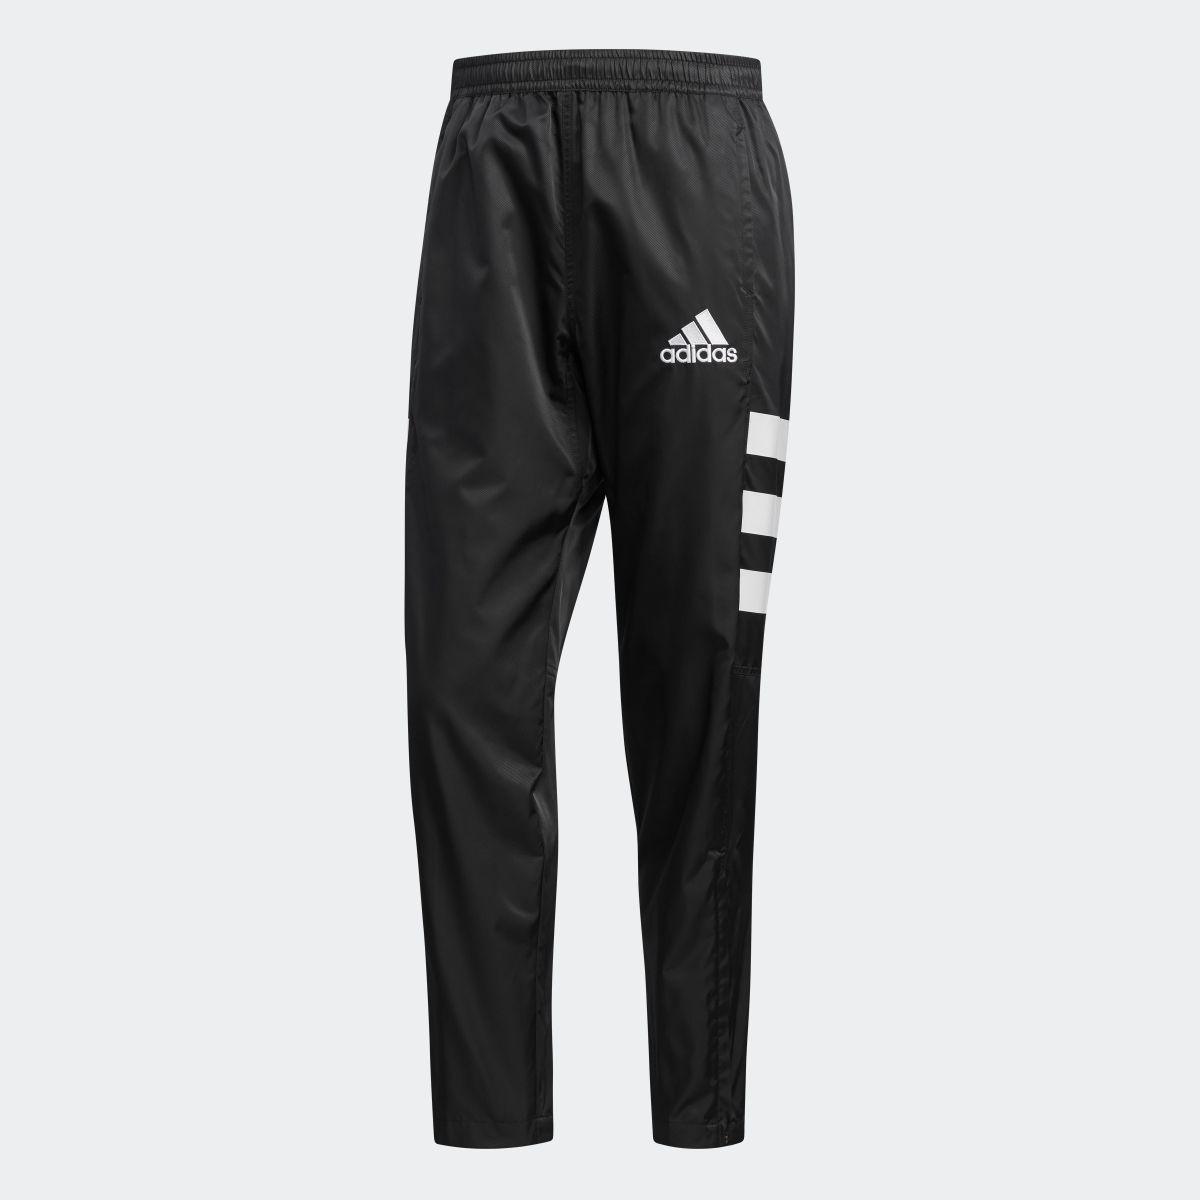 【公式】アディダス adidas ラグビーピステパンツ メンズ ラグビー ウェア ボトムス パンツ DZ5923 p1215